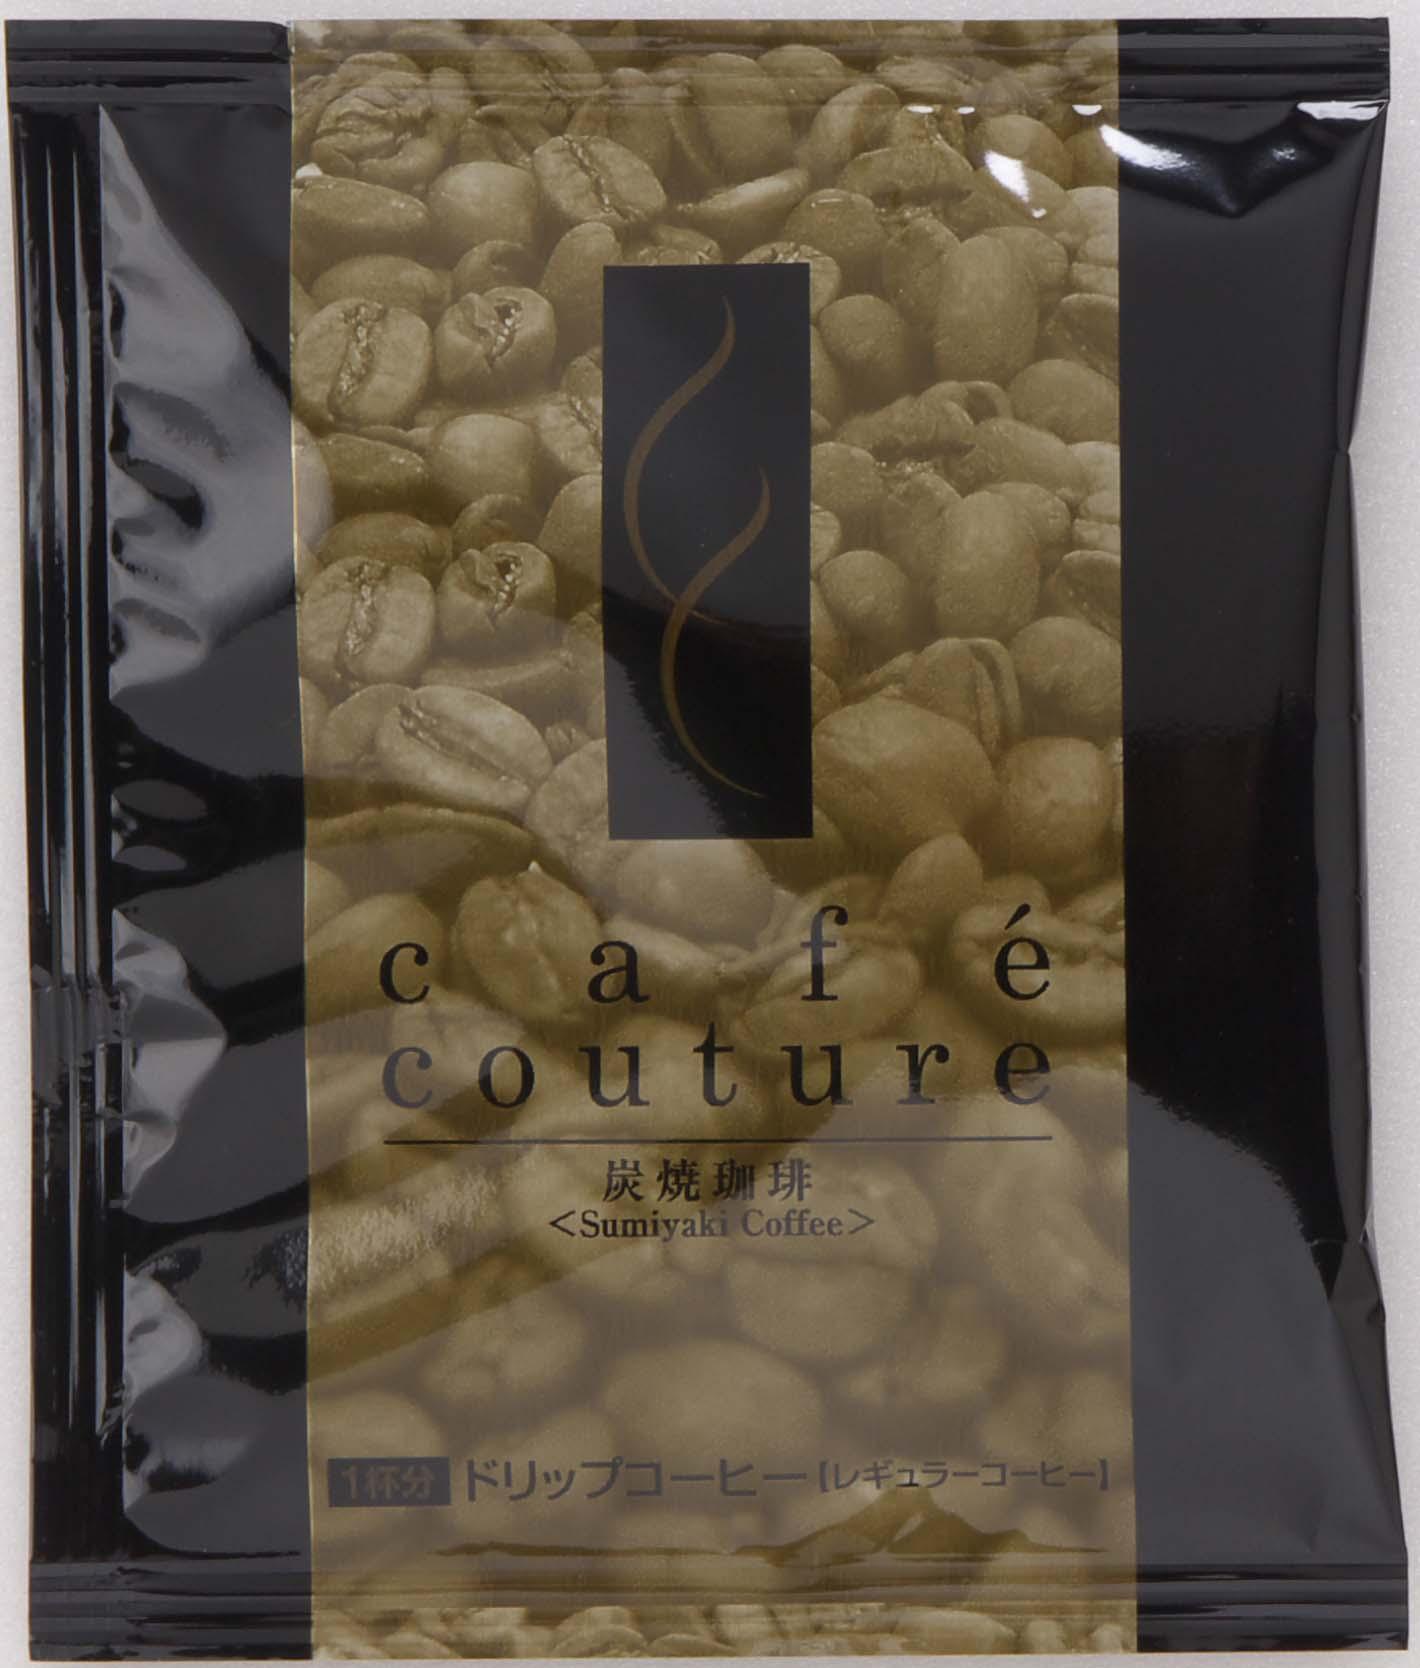 ホテル用カフェクチュール 炭焼きコーヒー